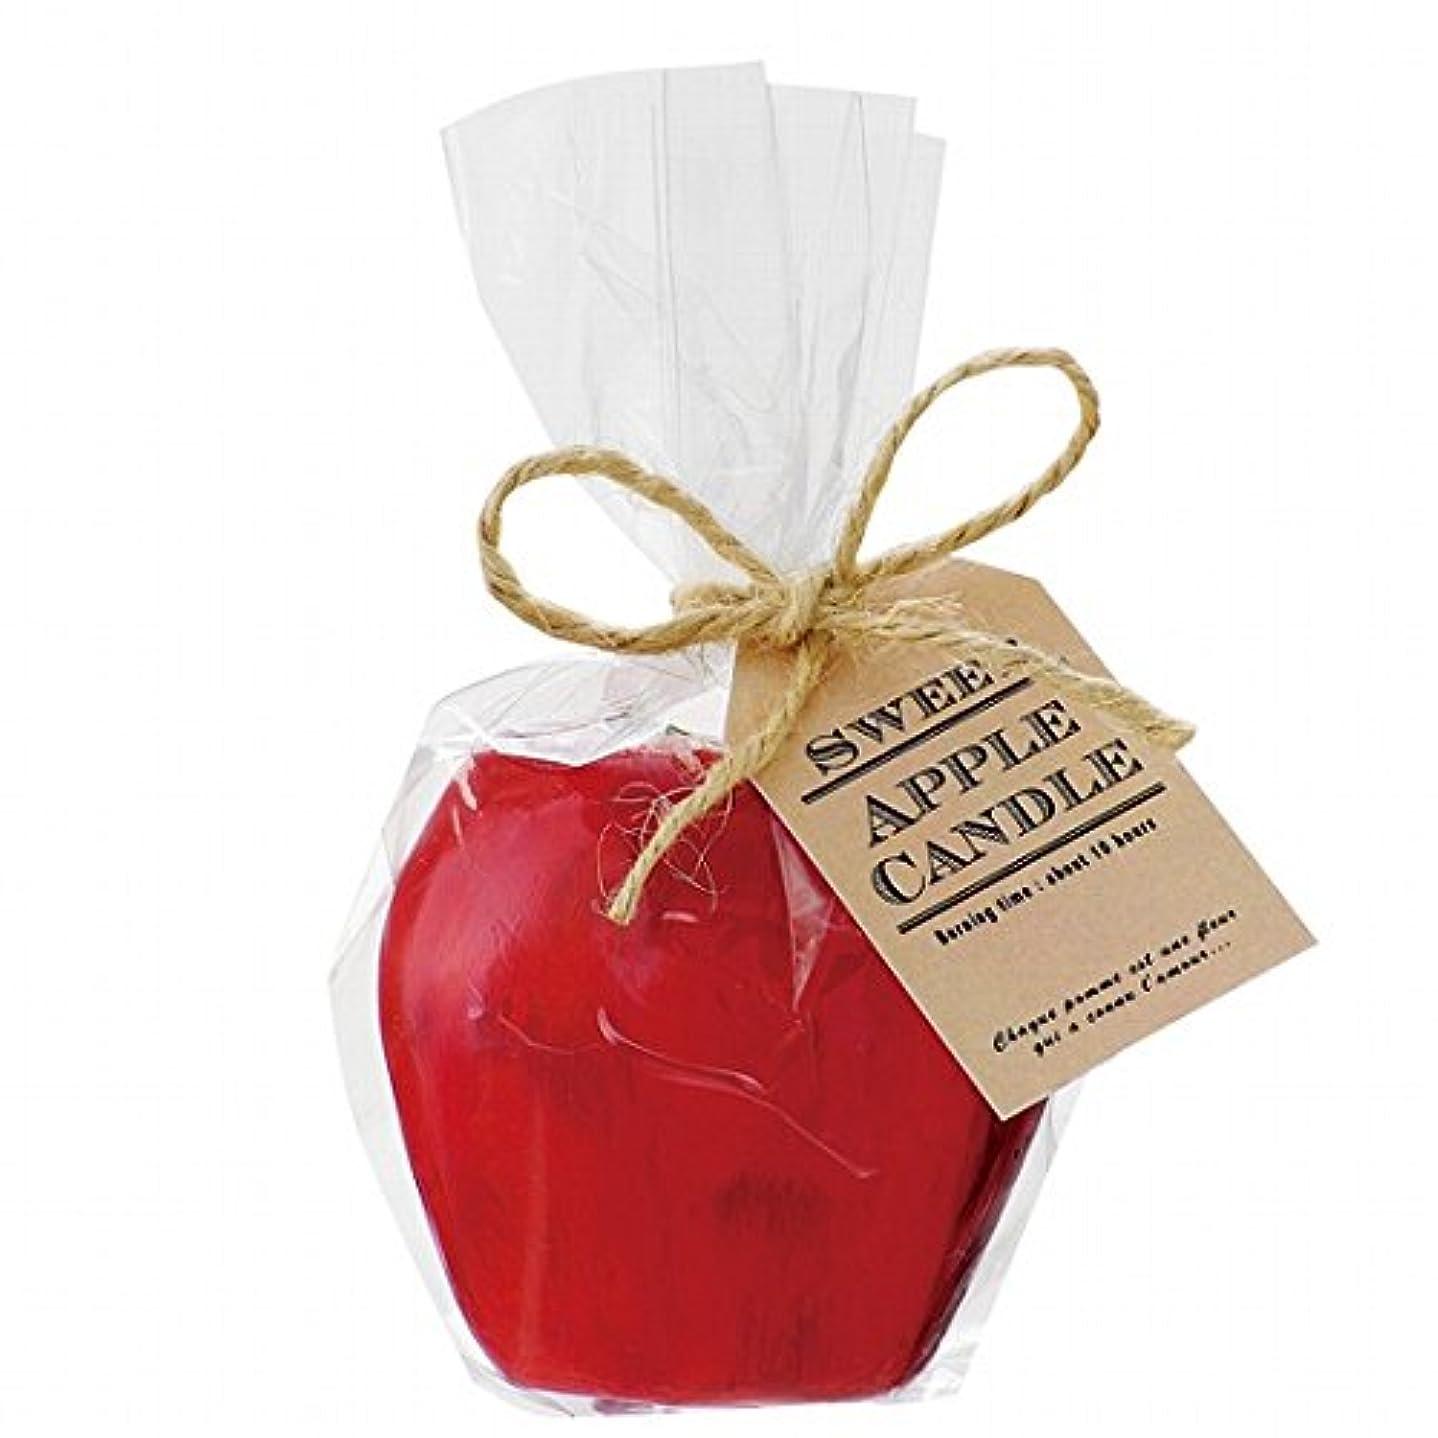 共和党葡萄ピラミッドカメヤマキャンドル( kameyama candle ) スイートアップルキャンドル 「 レッド 」